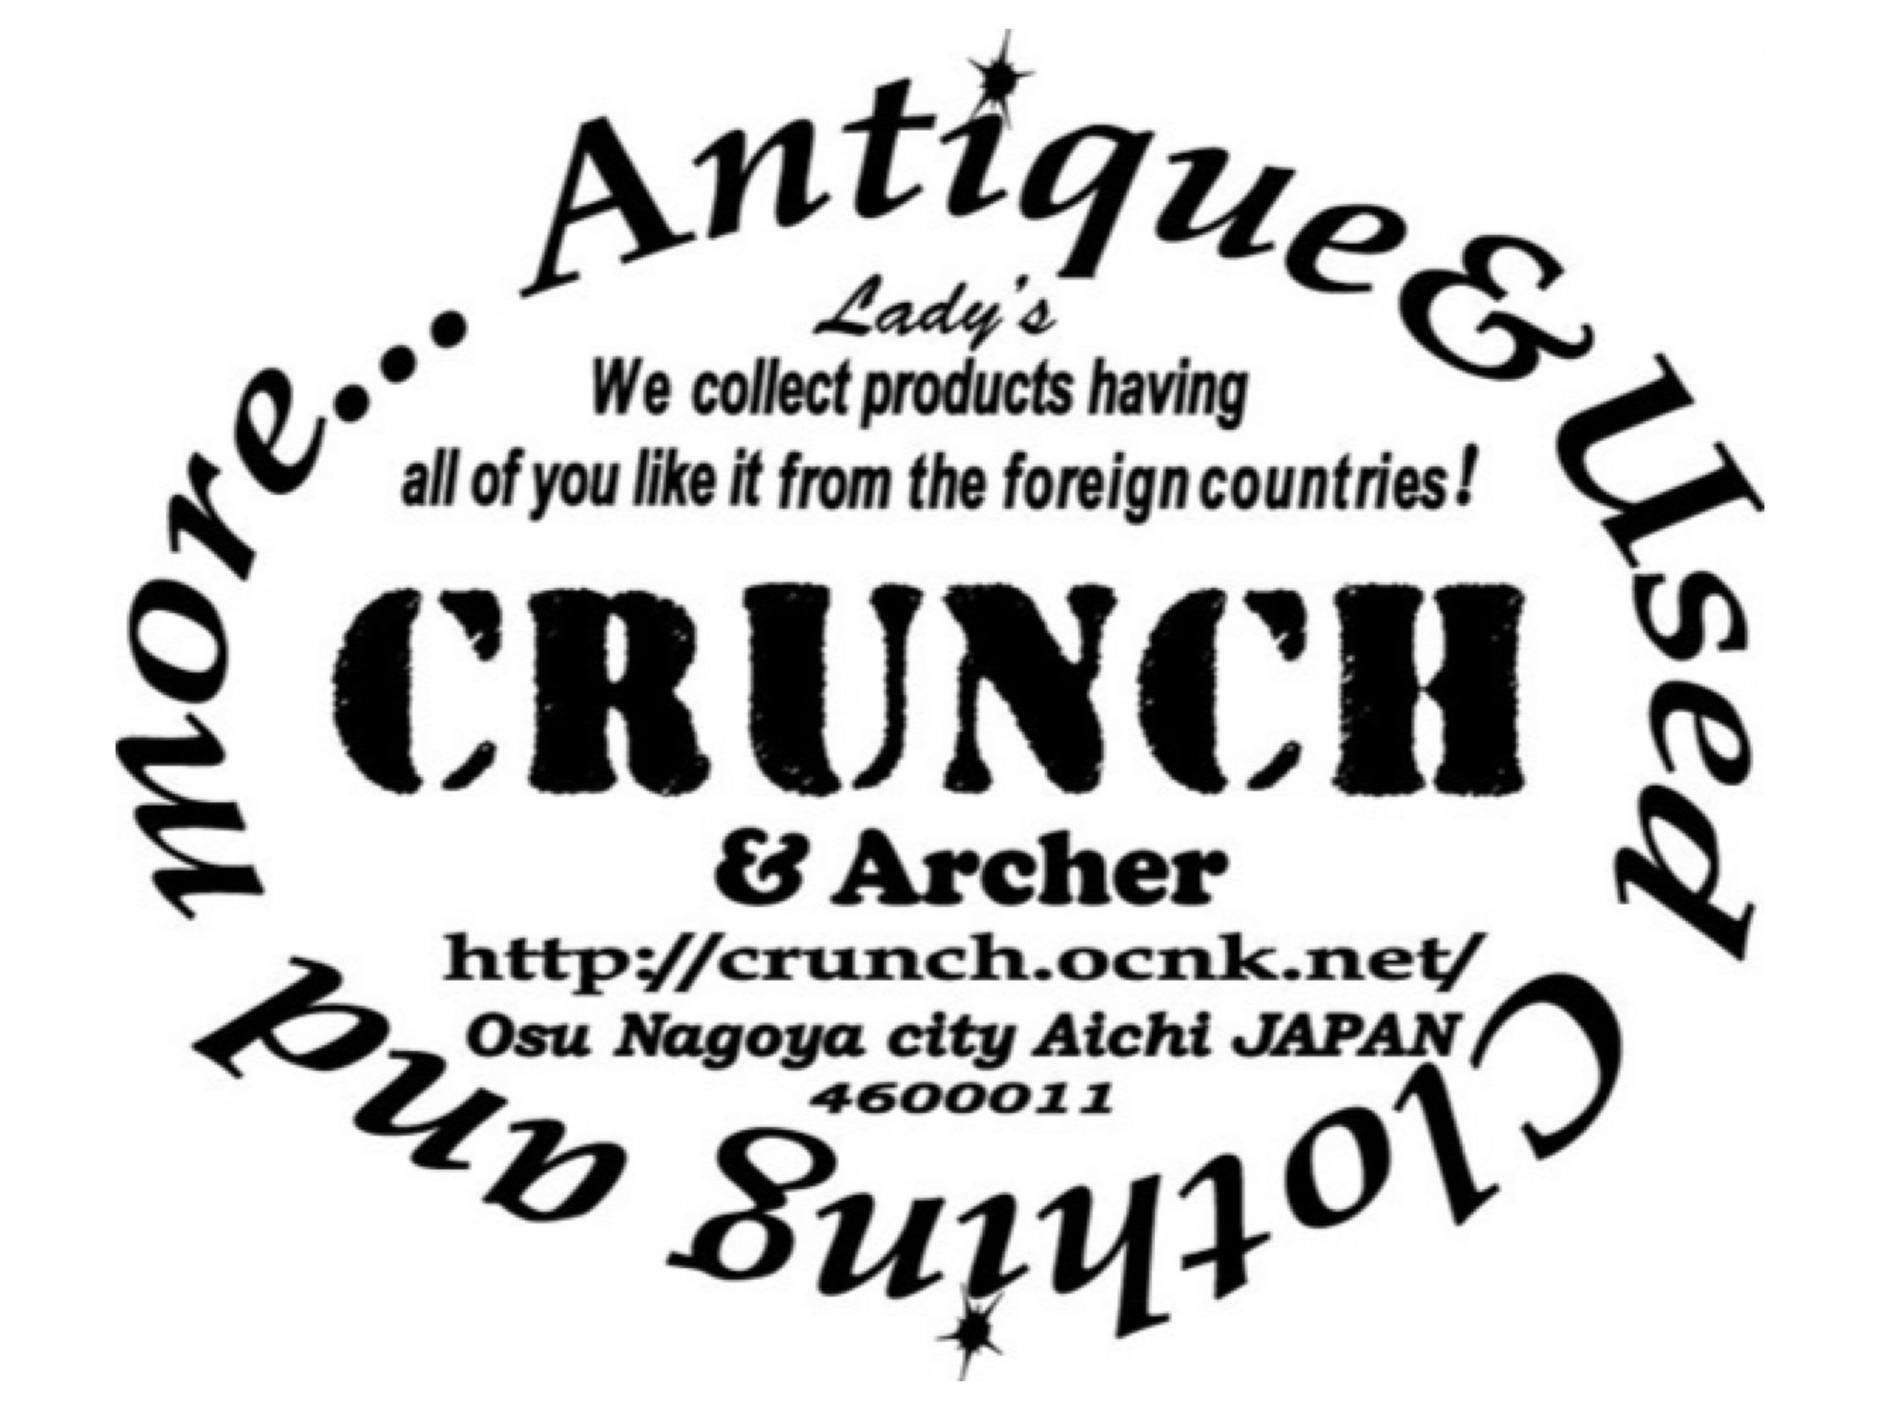 CRUNCH & Archer